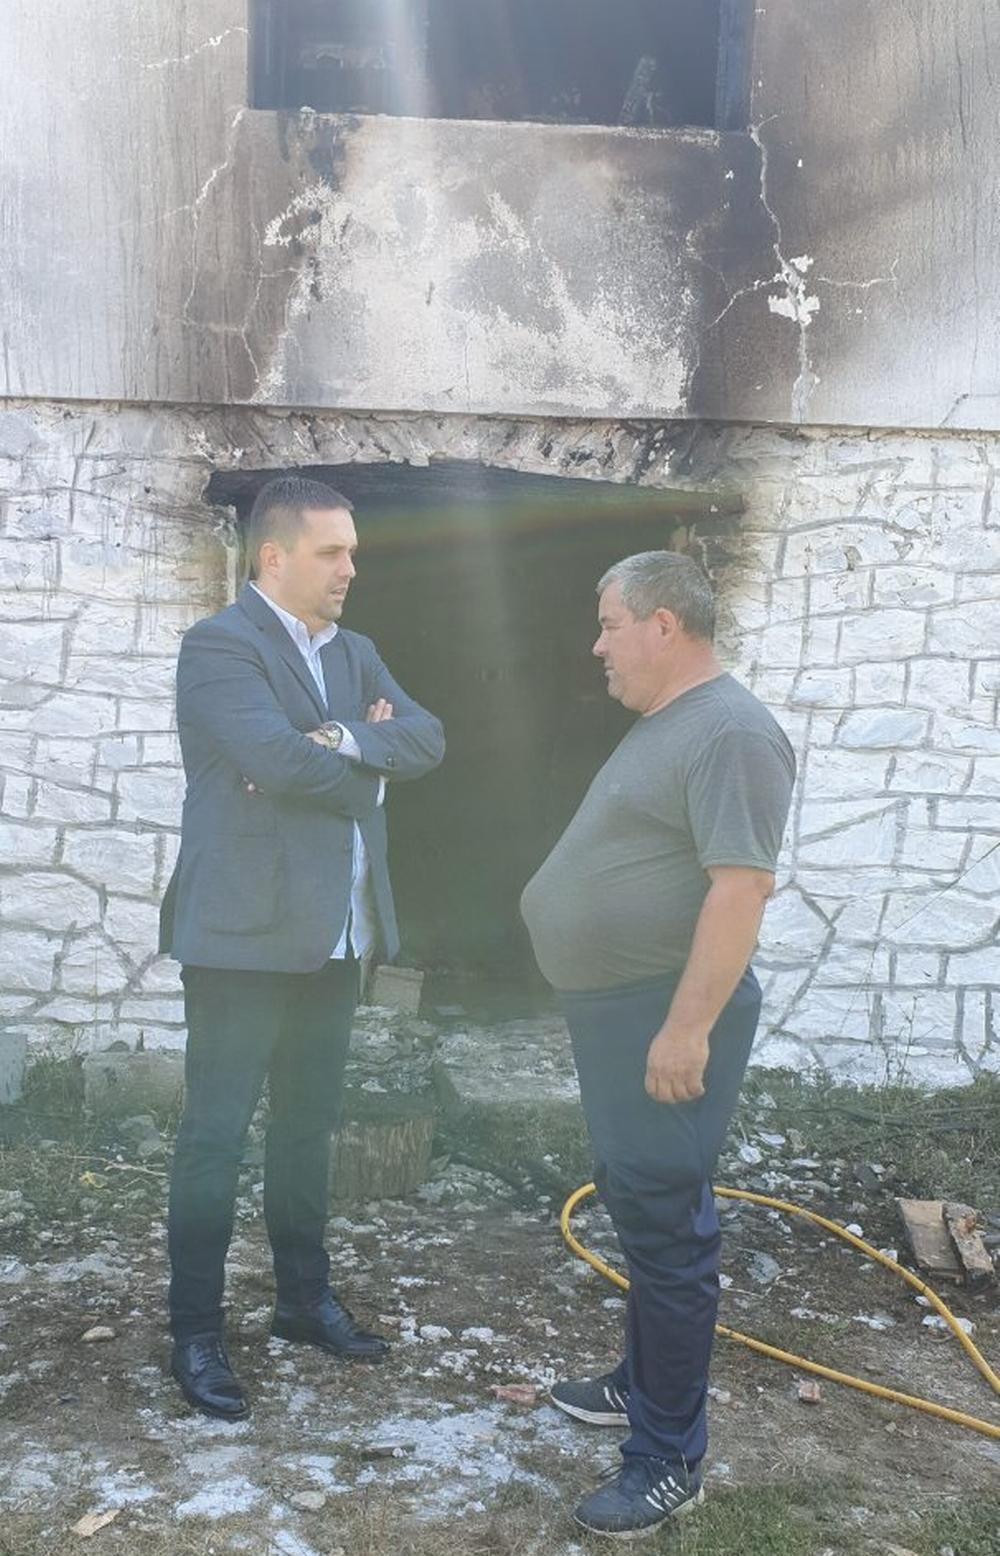 Potpredsjednik  Bećirović  obećao pomoć  lokalne uprave  porodici  Femić  čija  je  kuća  izgorjela  u požaru